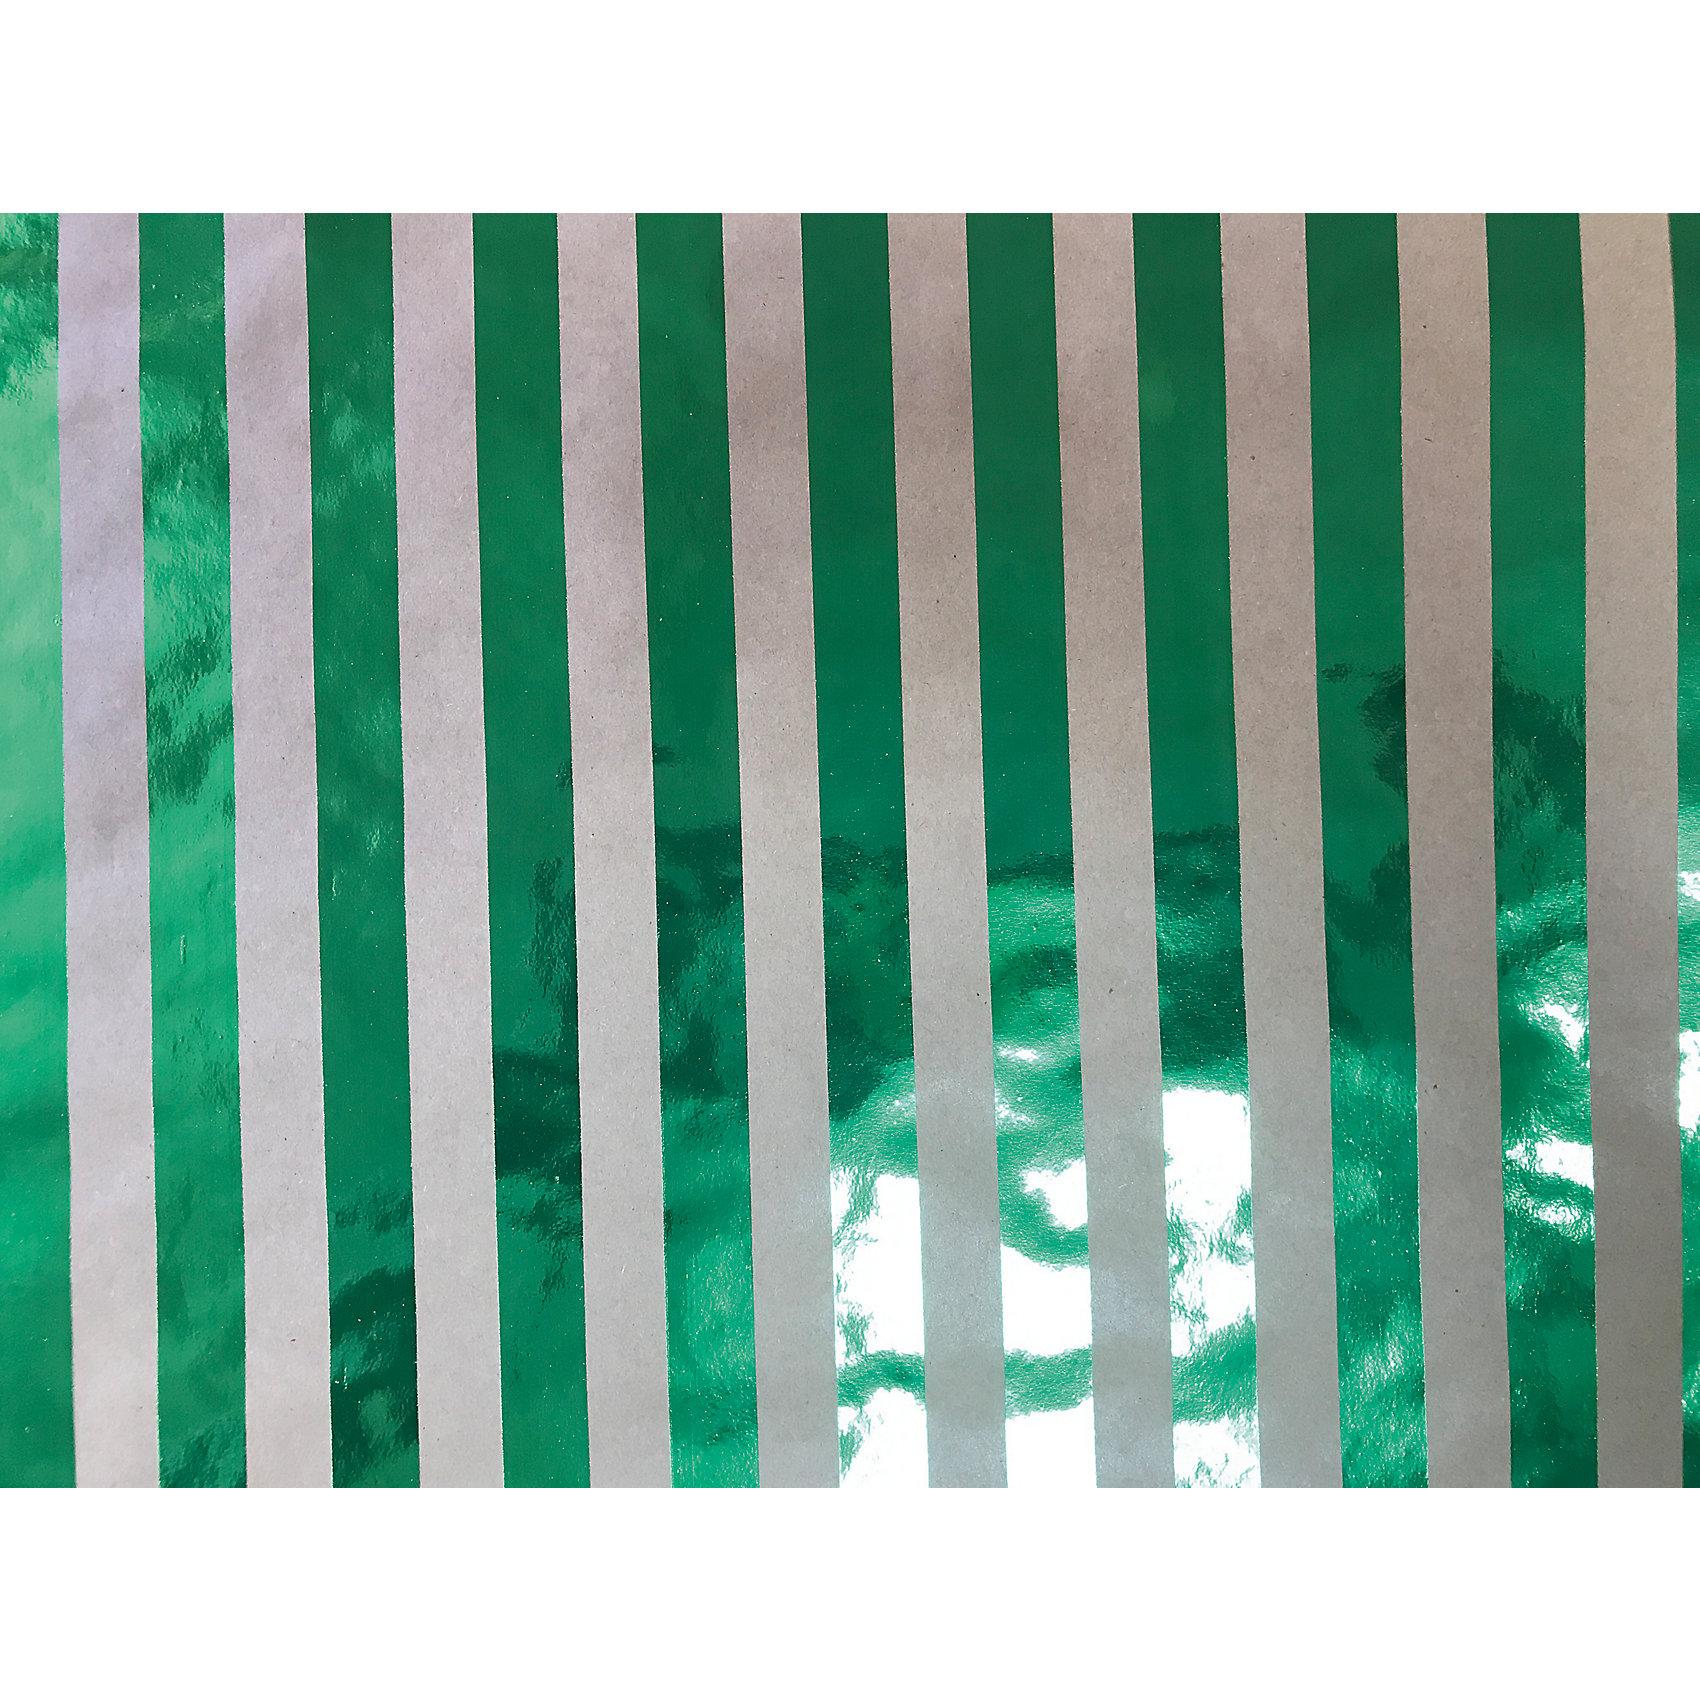 Крафт бумага Зеленые полоски для сувенирной продукции в листах от myToys